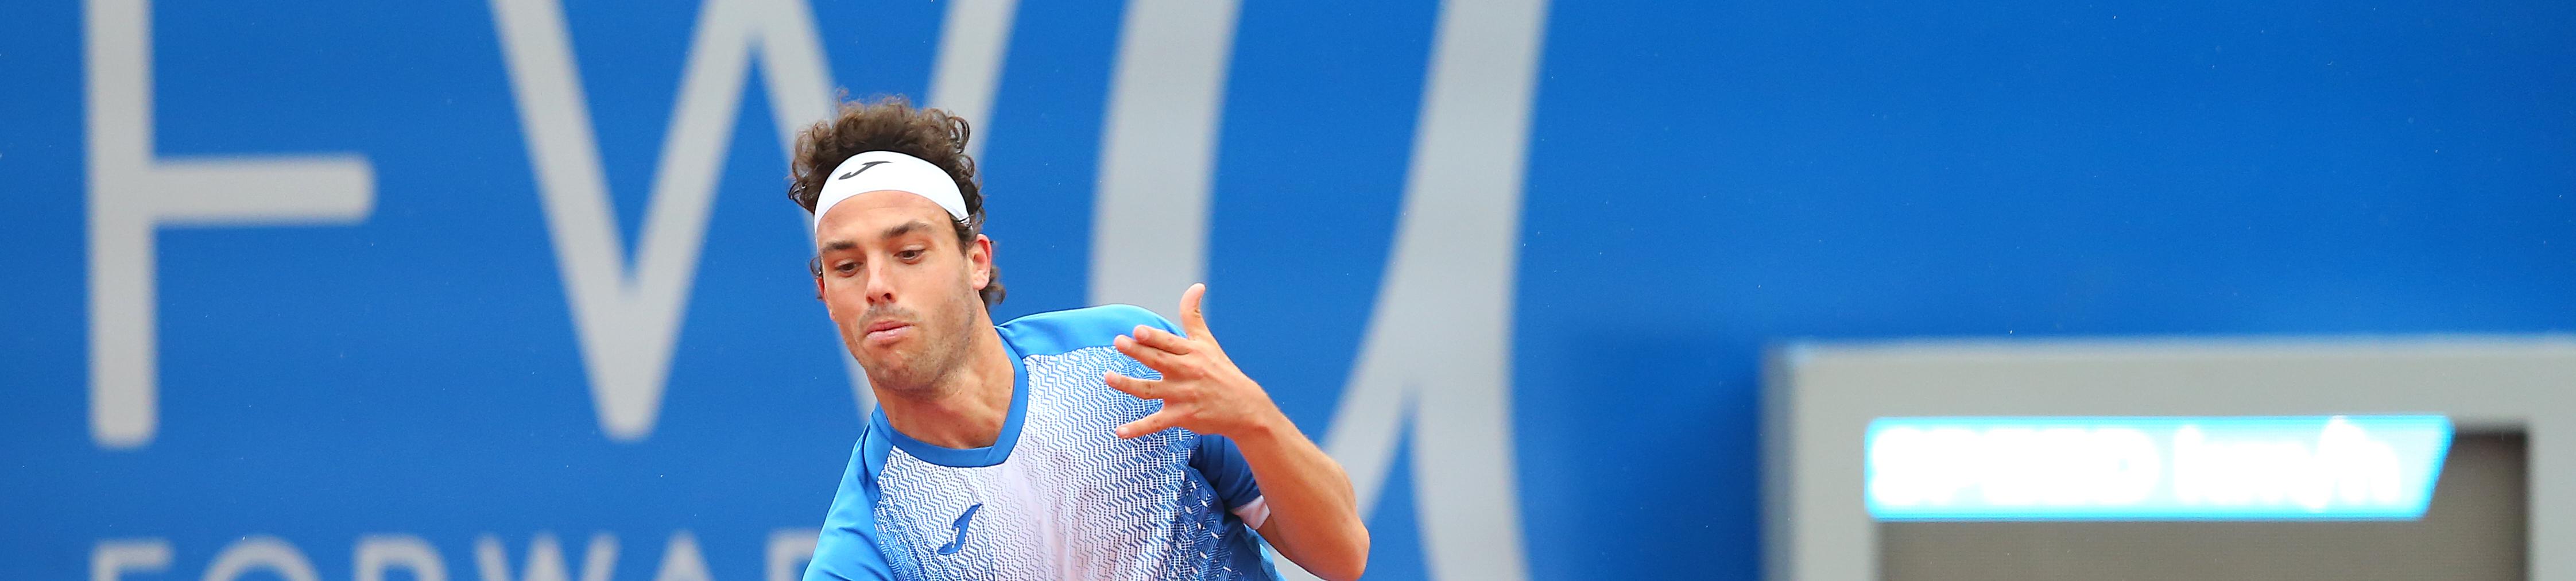 ATP Monaco: Cecchinato e Berrettini verso una finale tutta italiana?